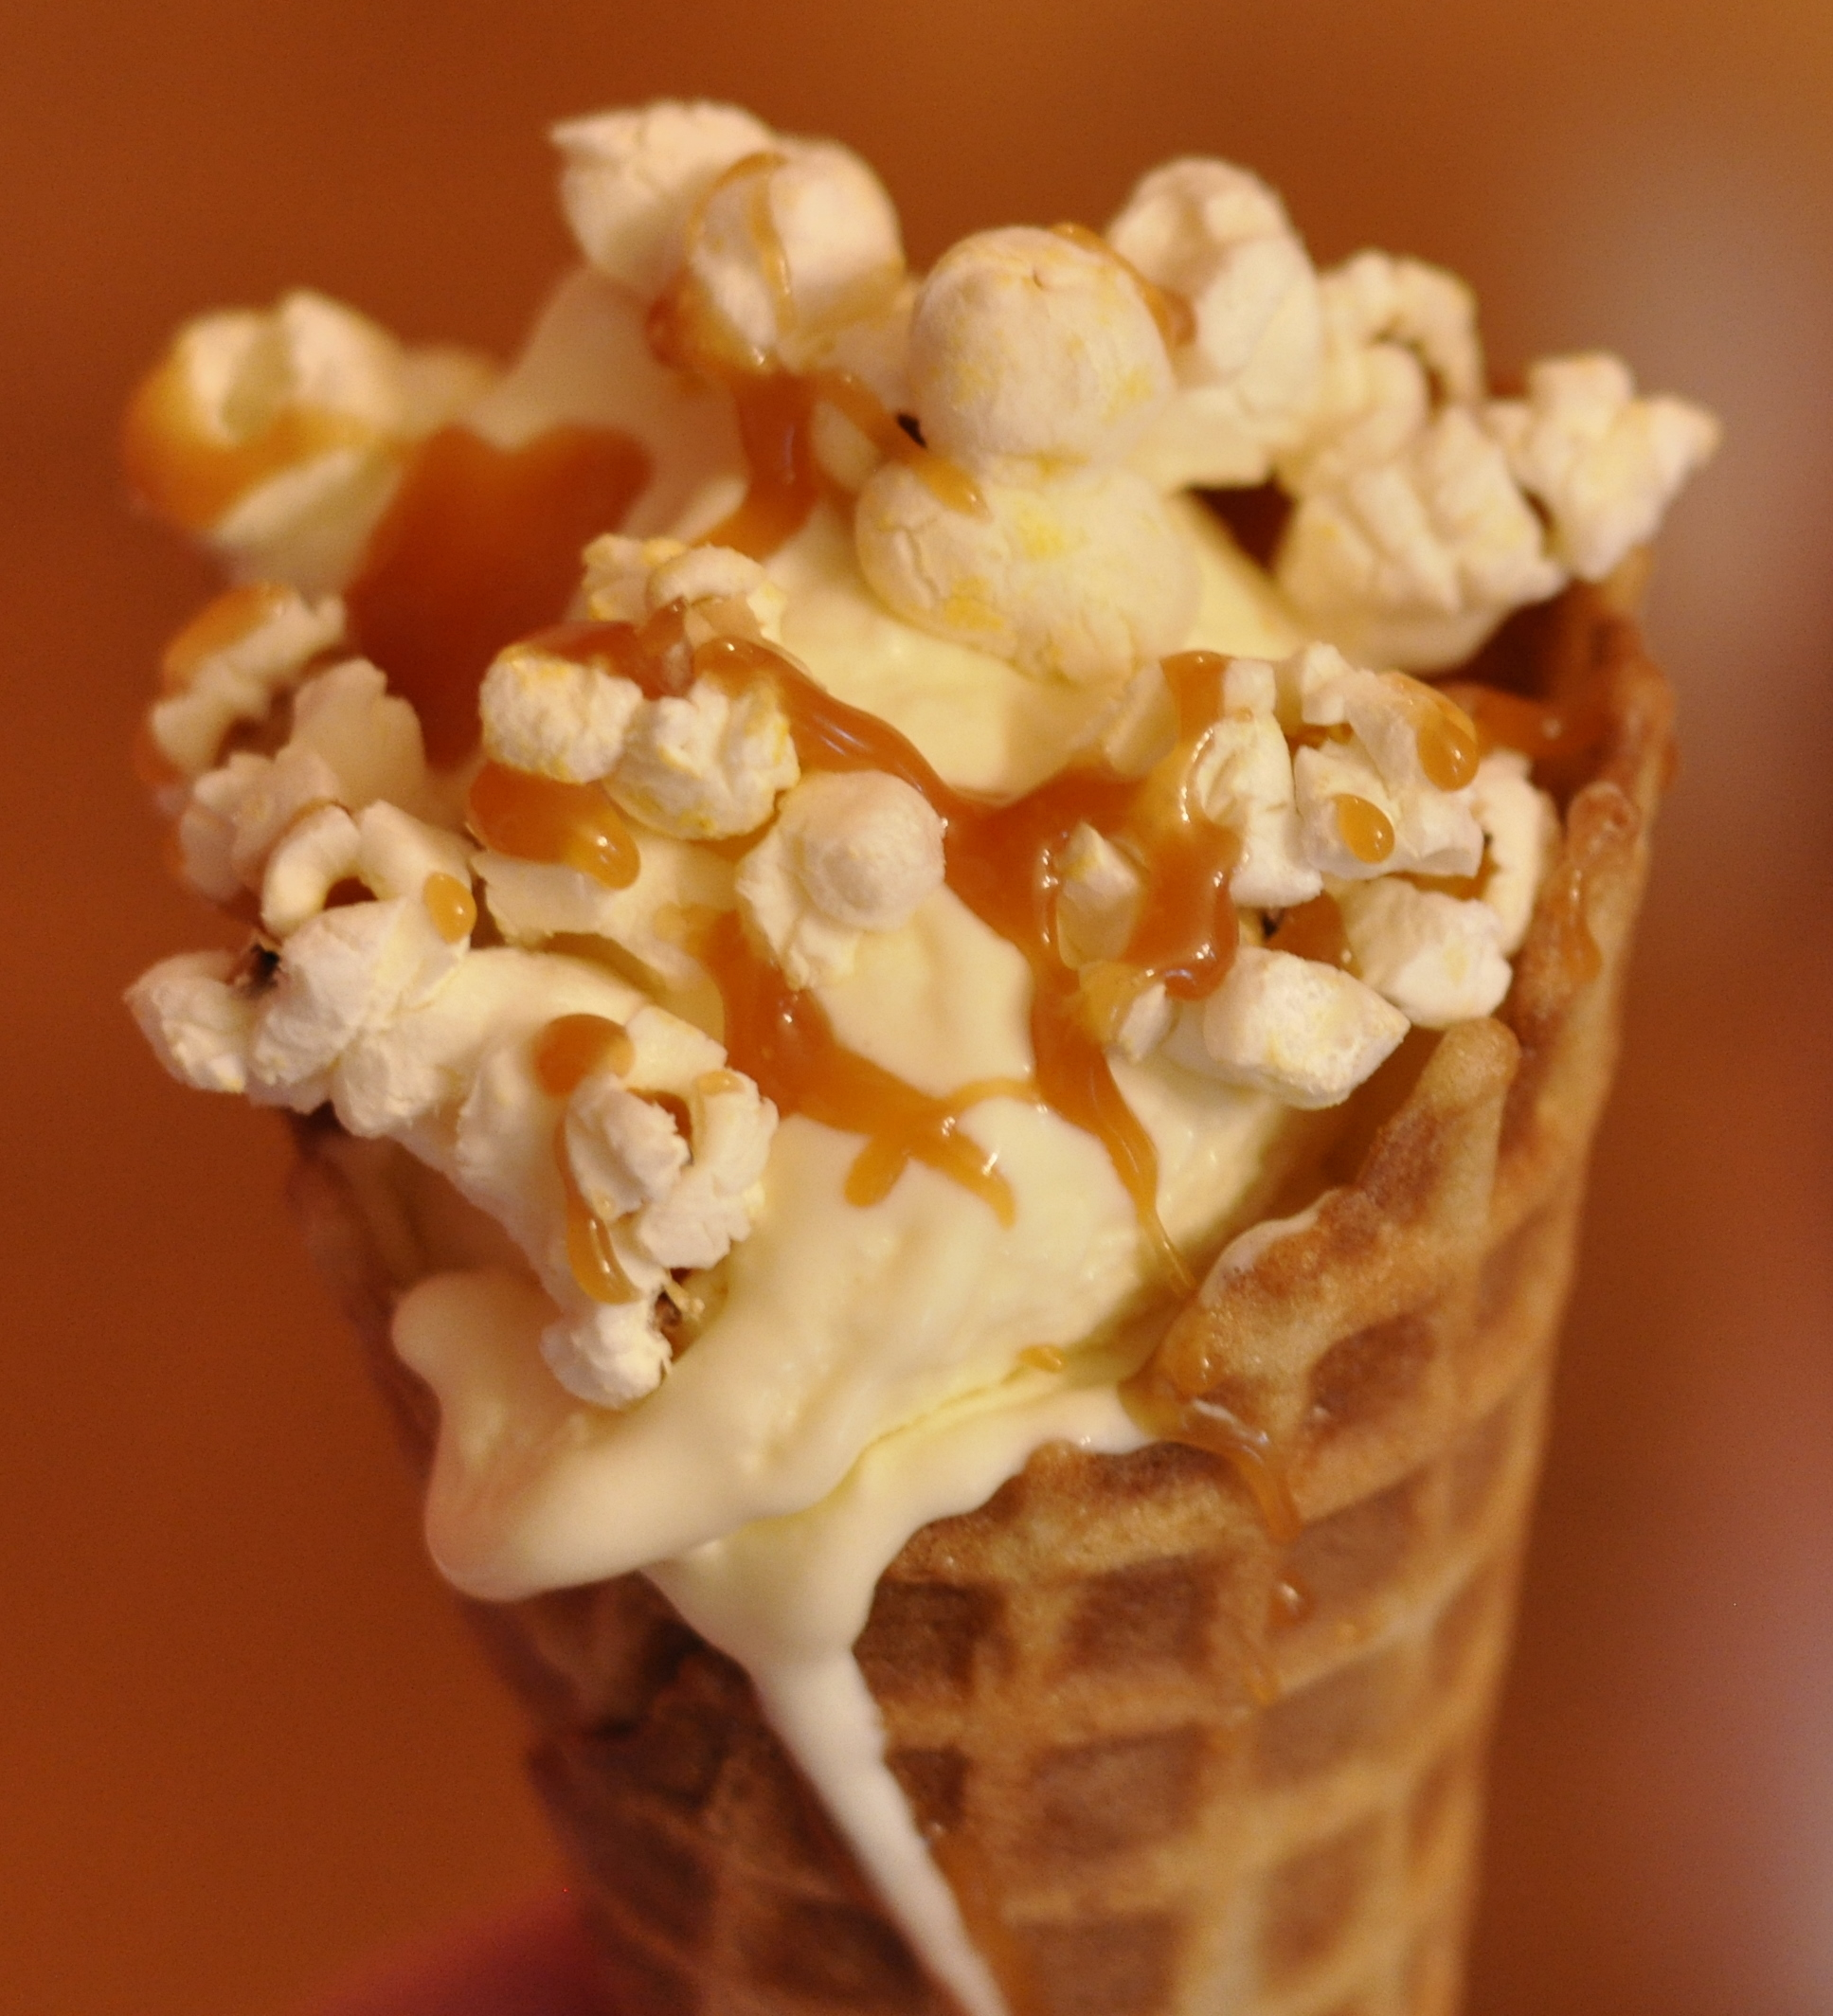 popcorn togarashi popcorn caramel popcorn ice cream sundae crafting ...